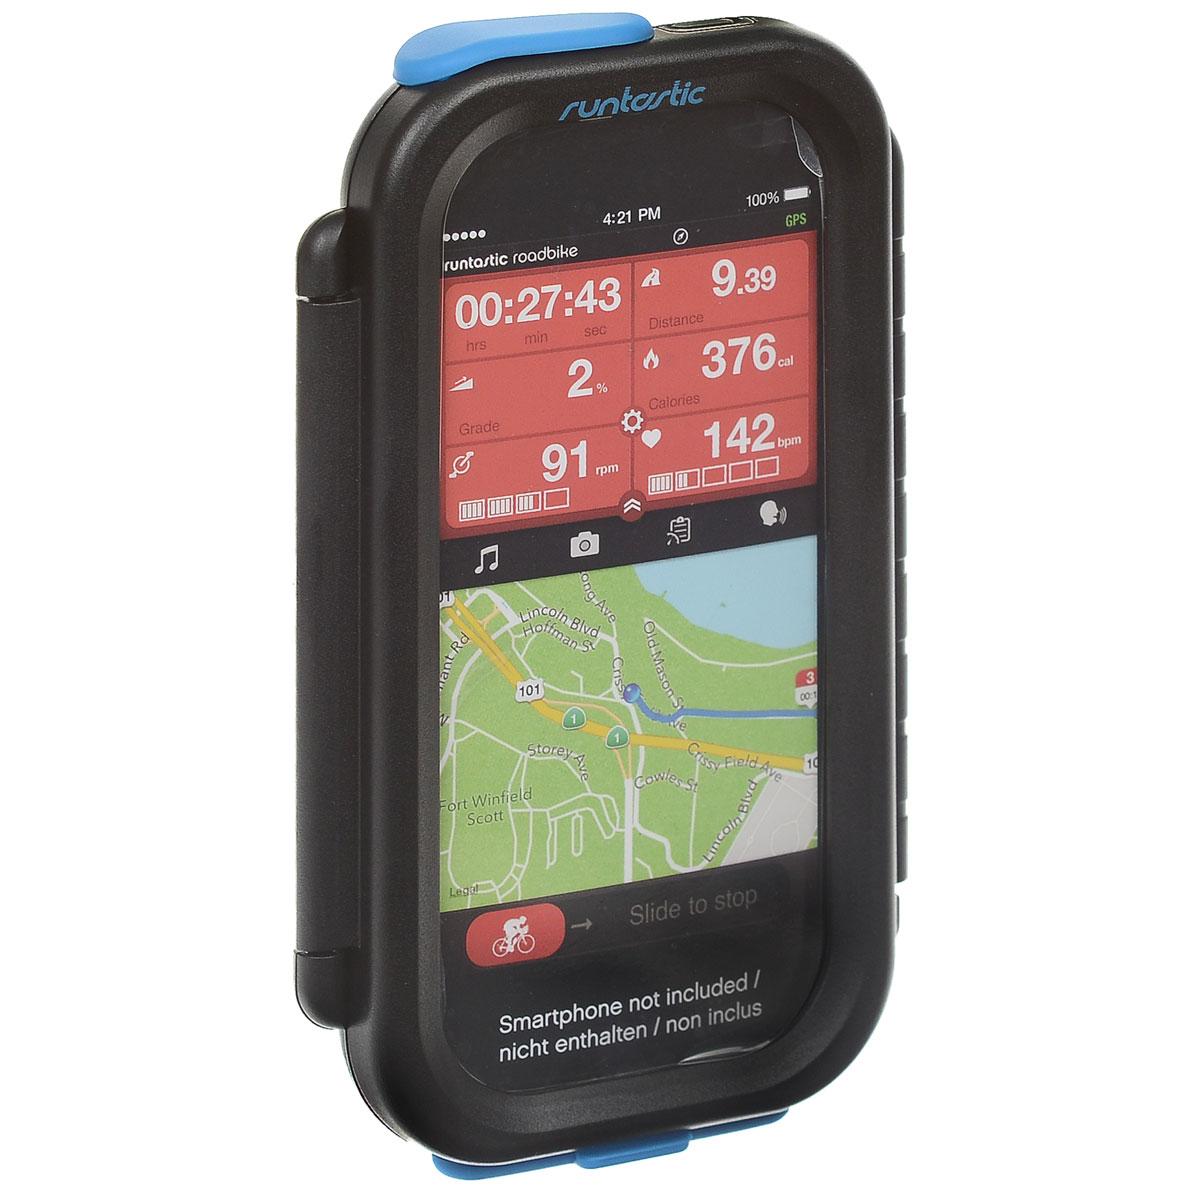 Крепление велосипедное Runtastic для iPhone, цвет: черныйRNT_RUNCAI1BВелосипедное крепление для iPhone 5/5S/5C. Особенности крепления: Ударо- и пылезащитный корпус. Возможность работать с сенсорным экраном, использовать обе камеры и наушники. Устанавливается без использования инструментов на руль или вынос велосипеда. iPhone можно установить горизонтально или вертикально на креплении.